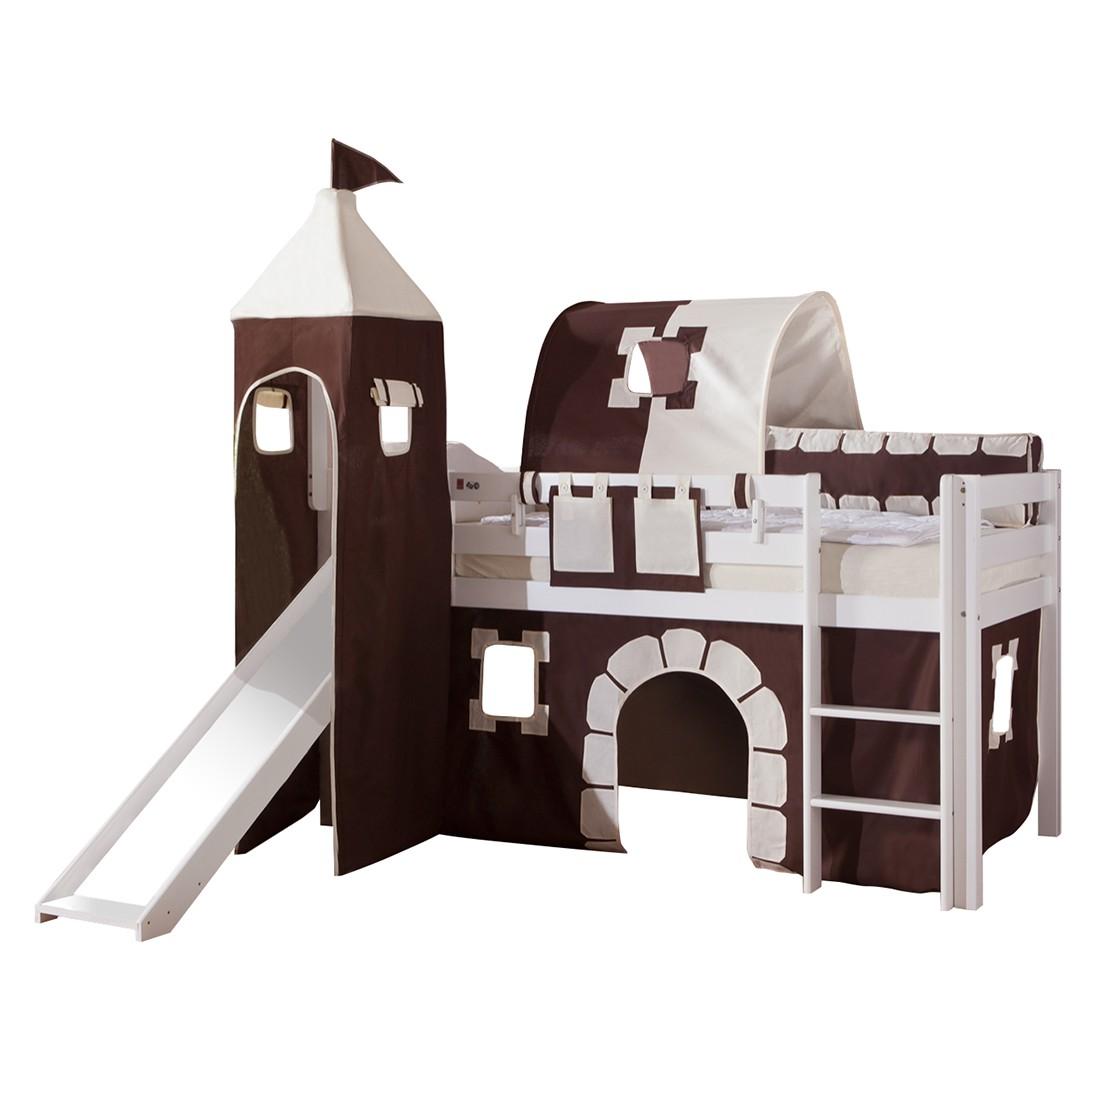 Spielbett Alex - mit Rutsche, Vorhang, Turm, 1-er Tunnel und Tasche - Buche weiß/Textil Burg, Relita